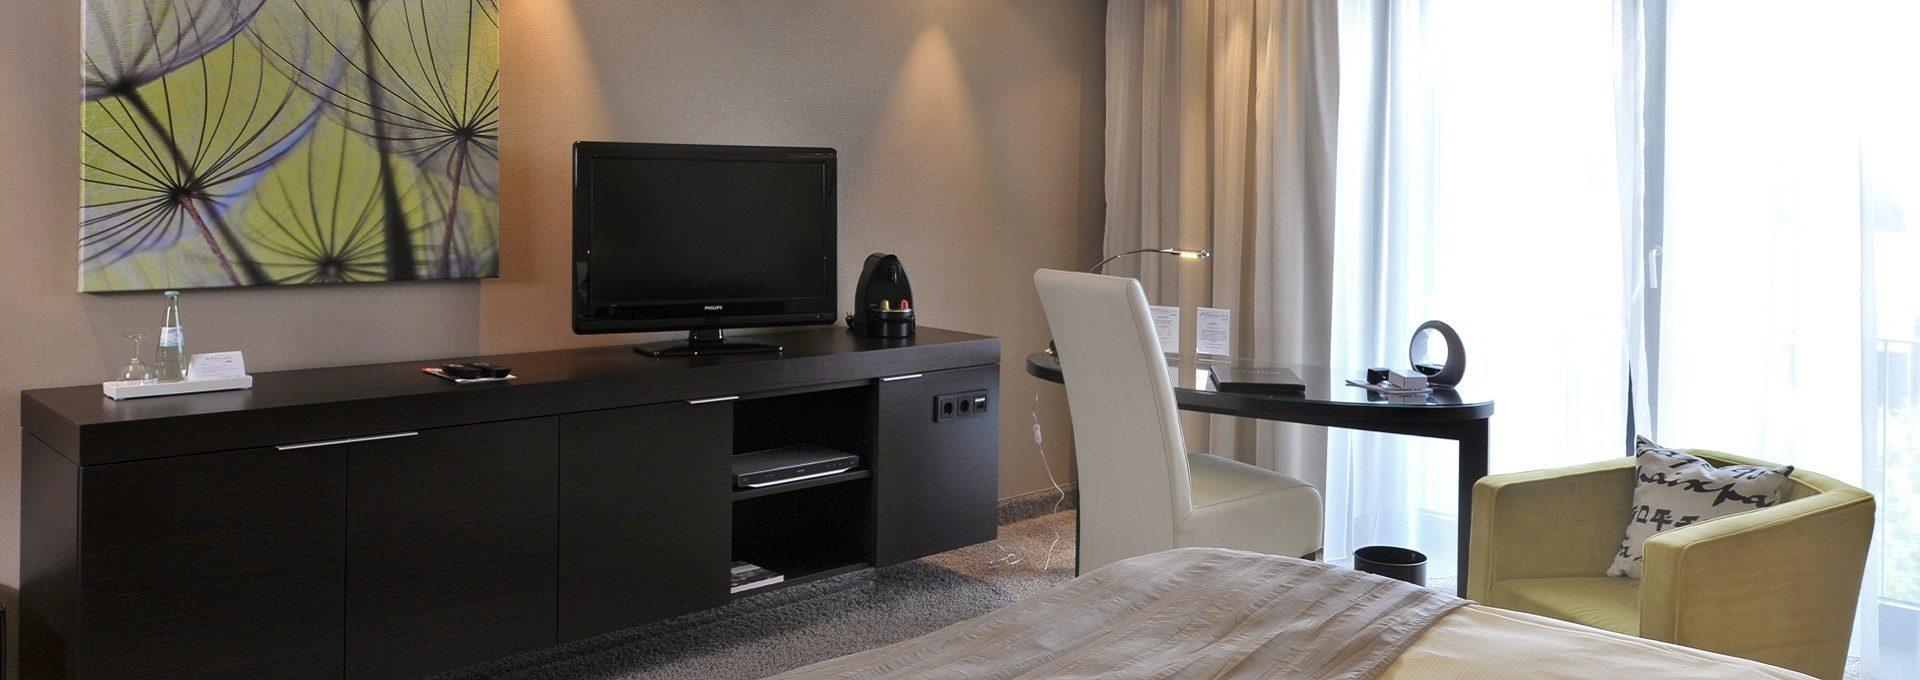 Deluxezimmer Flatscreen Nespressomaschniene Schreibtisch